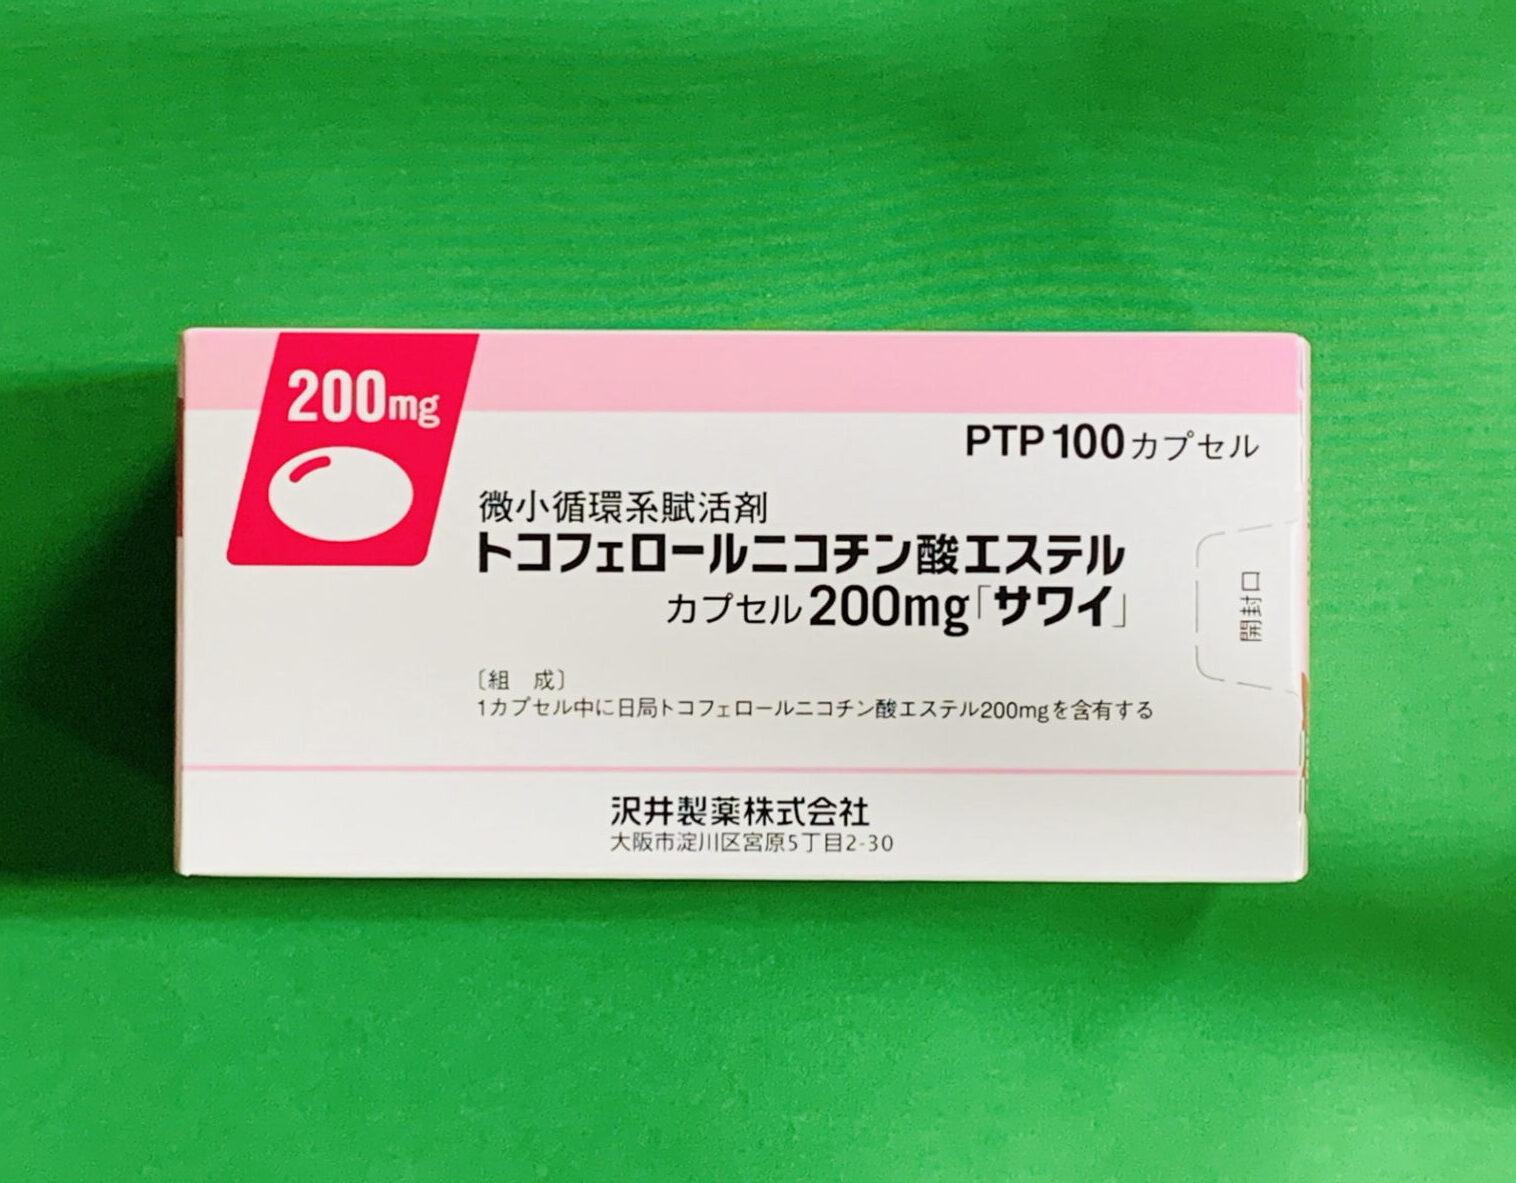 トコフェロールニコチン酸エステルカプセル200mg「サワイ」